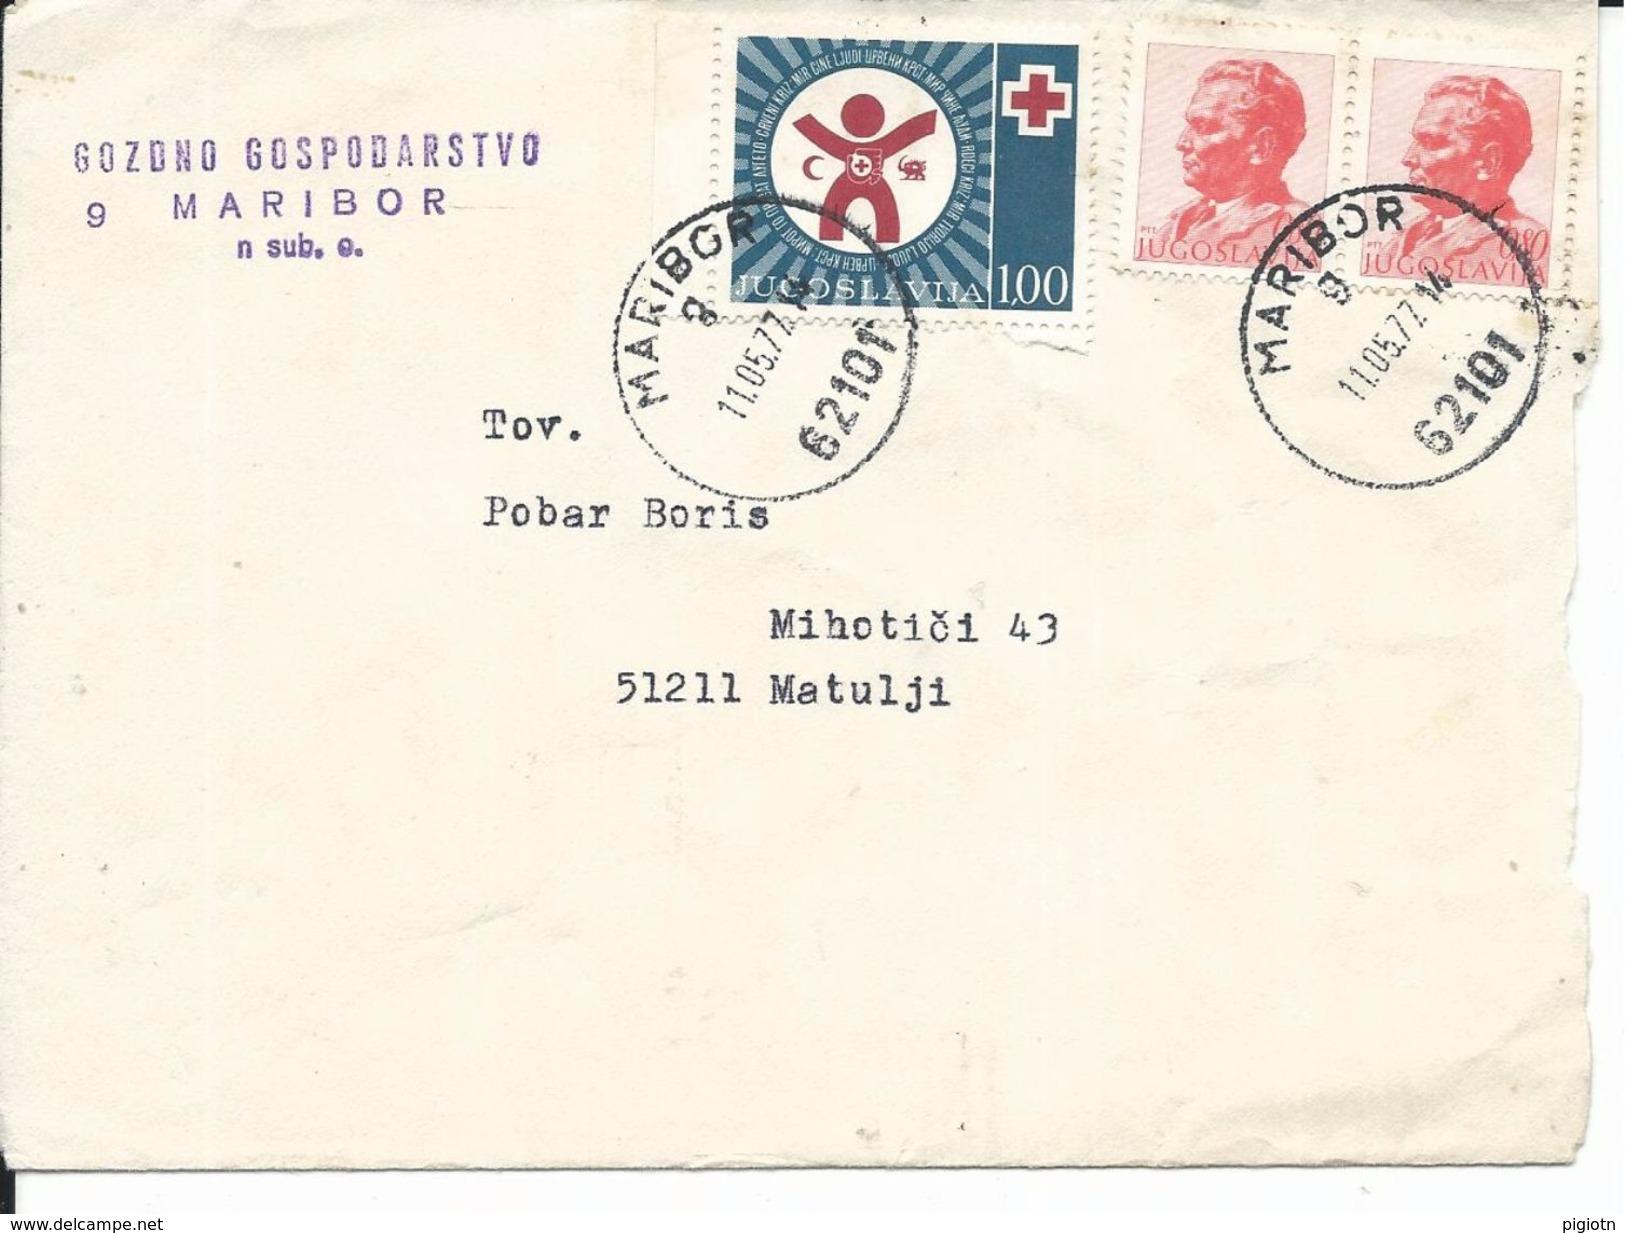 JUG007 -  JUGOSLAVIA - LETTERA DA MARIBORI A MATULJI - 11.5.1977- N° 2x1435A+Ben. 67 - CATALOGO UNIFICATO - 1945-1992 Repubblica Socialista Federale Di Jugoslavia